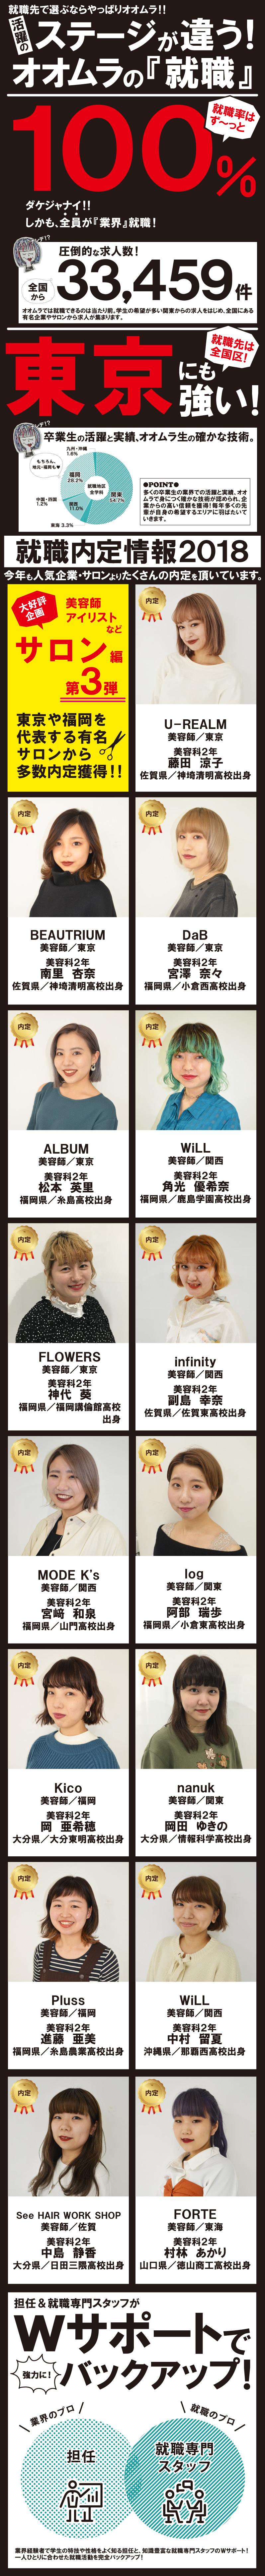 内定者速報 vol.5